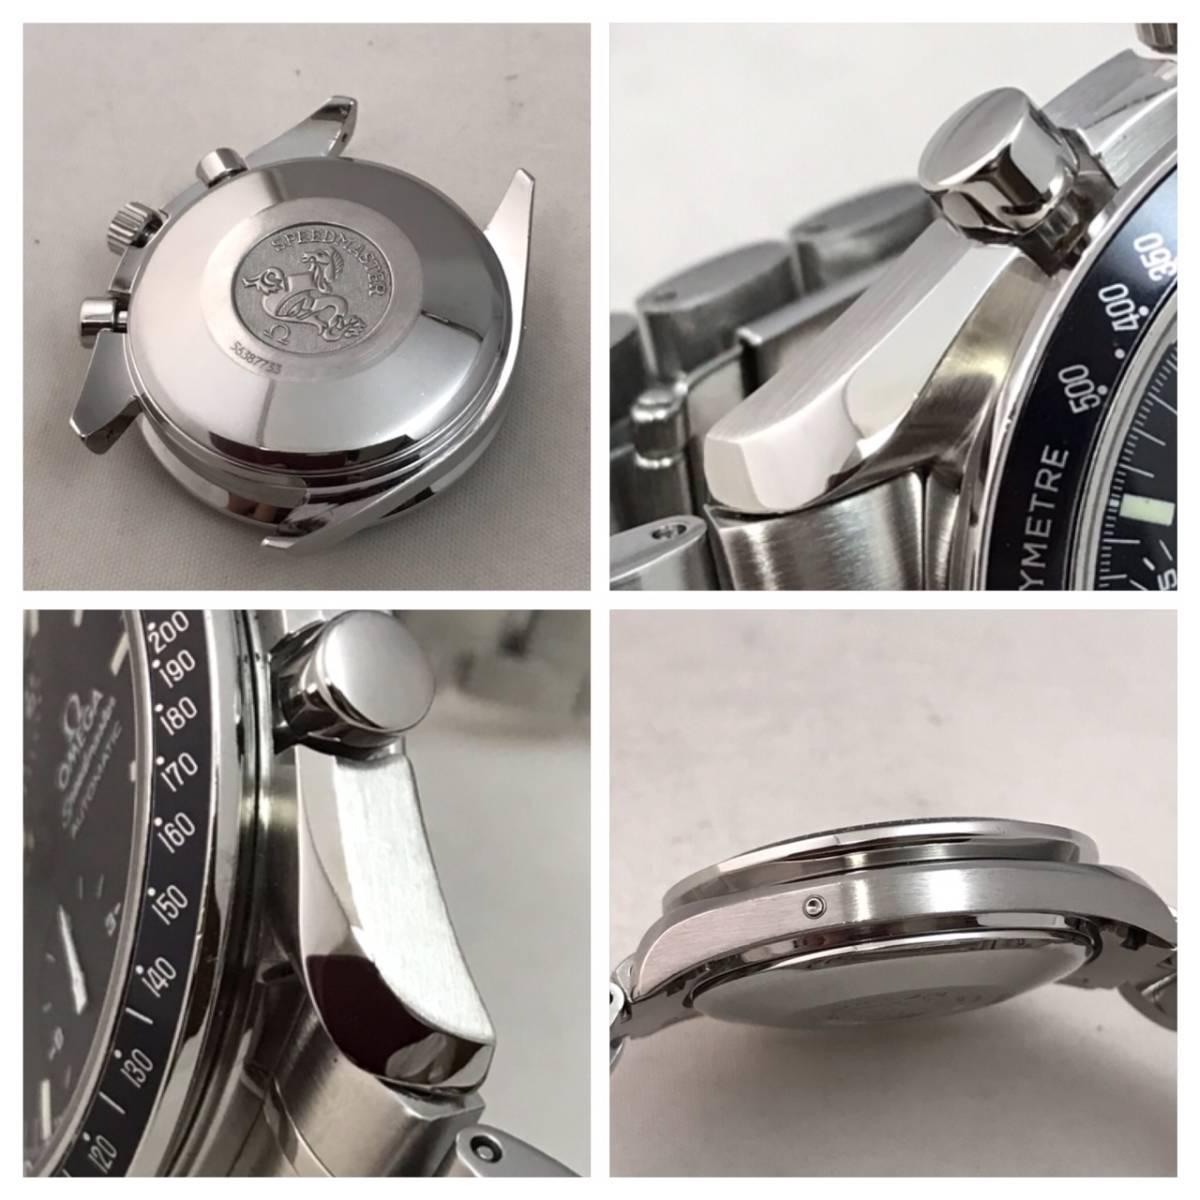 付属品付き☆美品のオメガ・スピードマスター時計・マーク40・コスモス☆3520-50☆_画像8